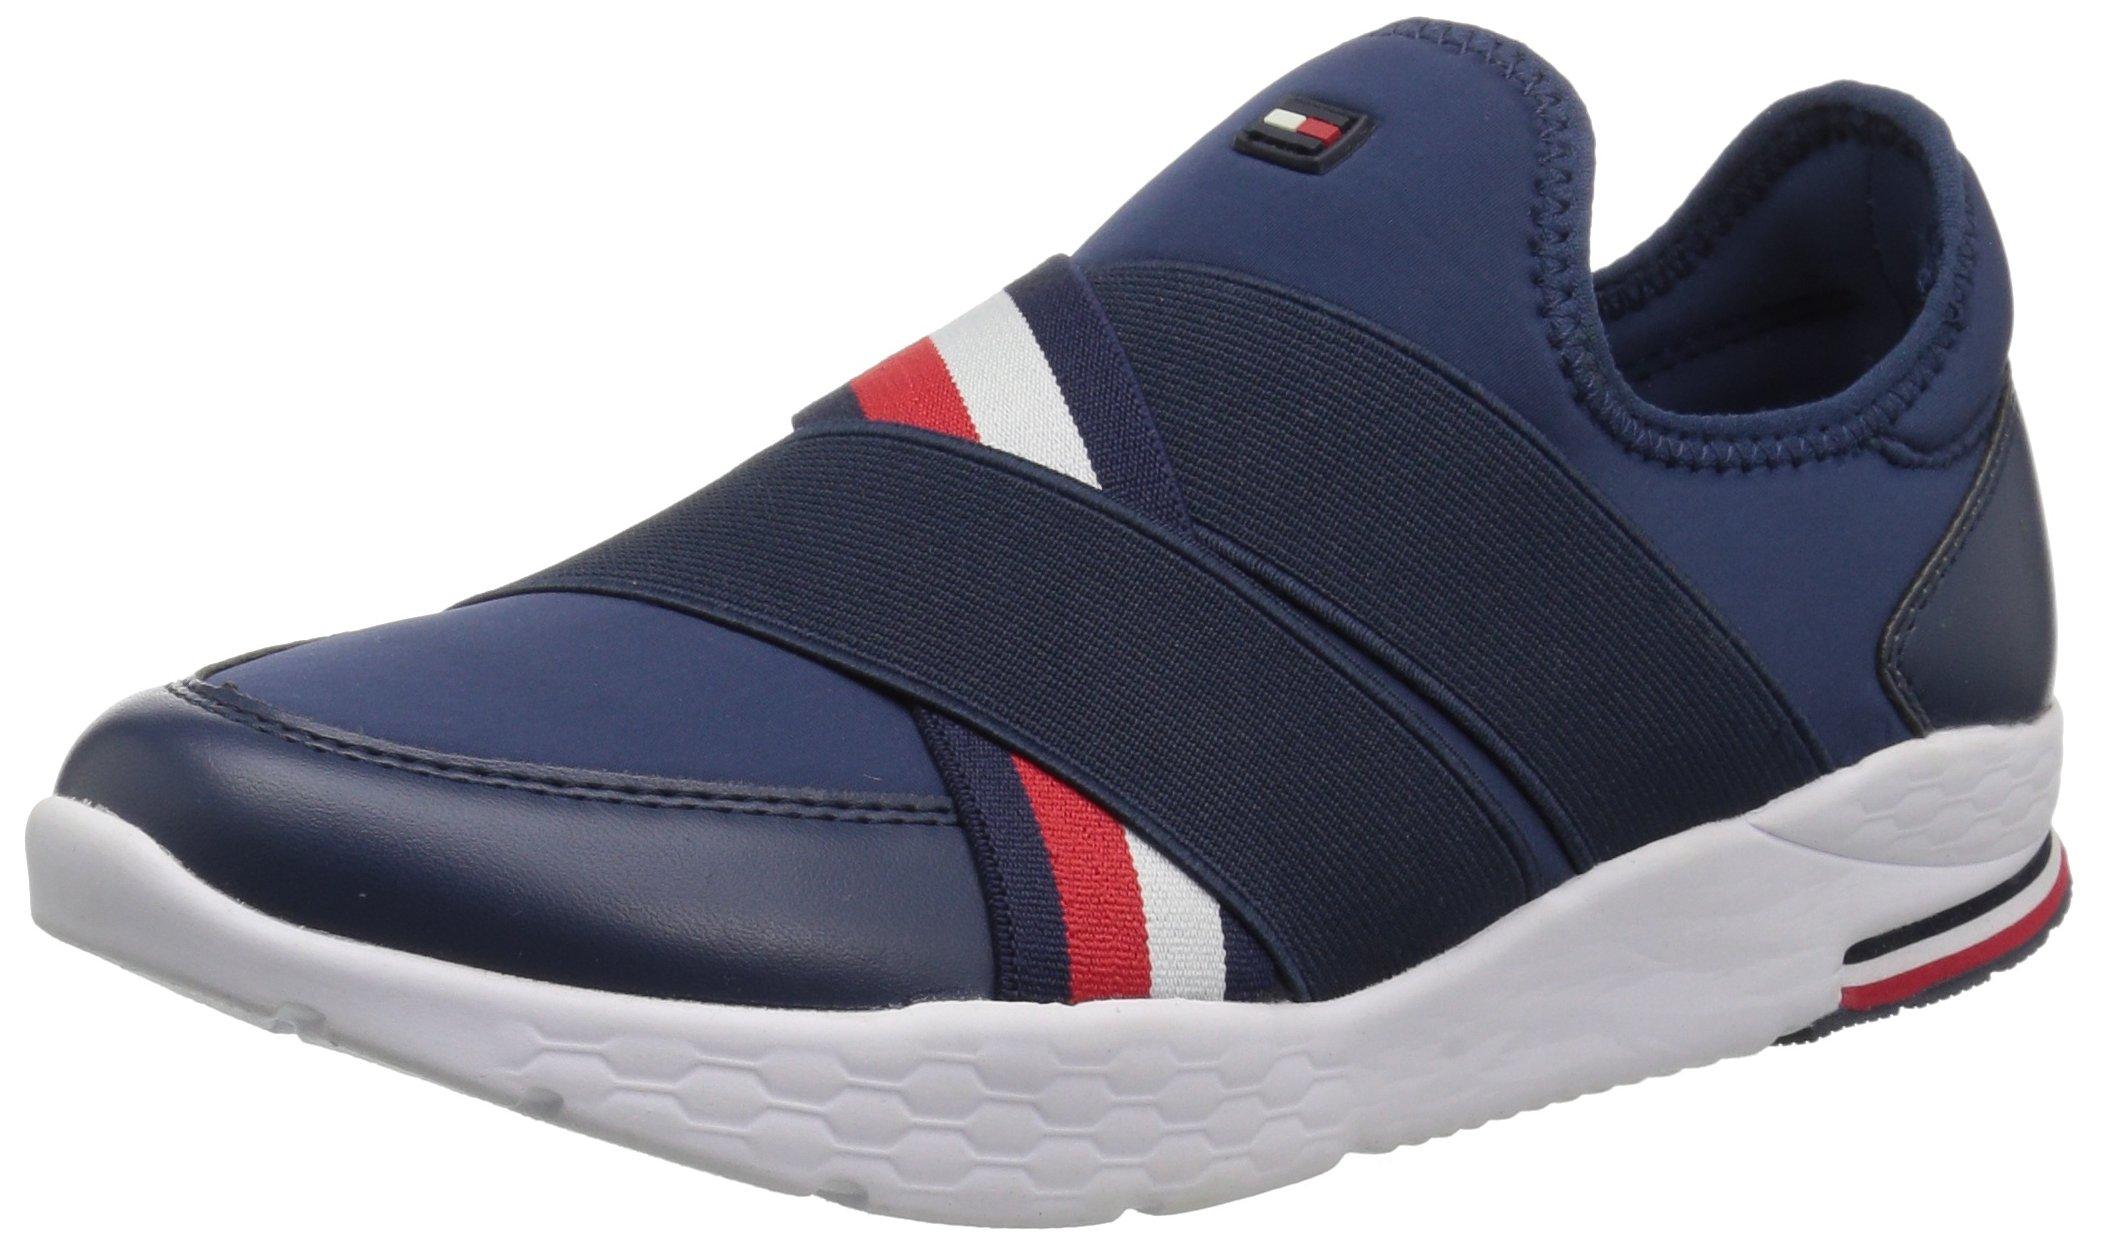 Tommy Hilfiger Women's Mavins Sneaker, Blue, 8.5 M US